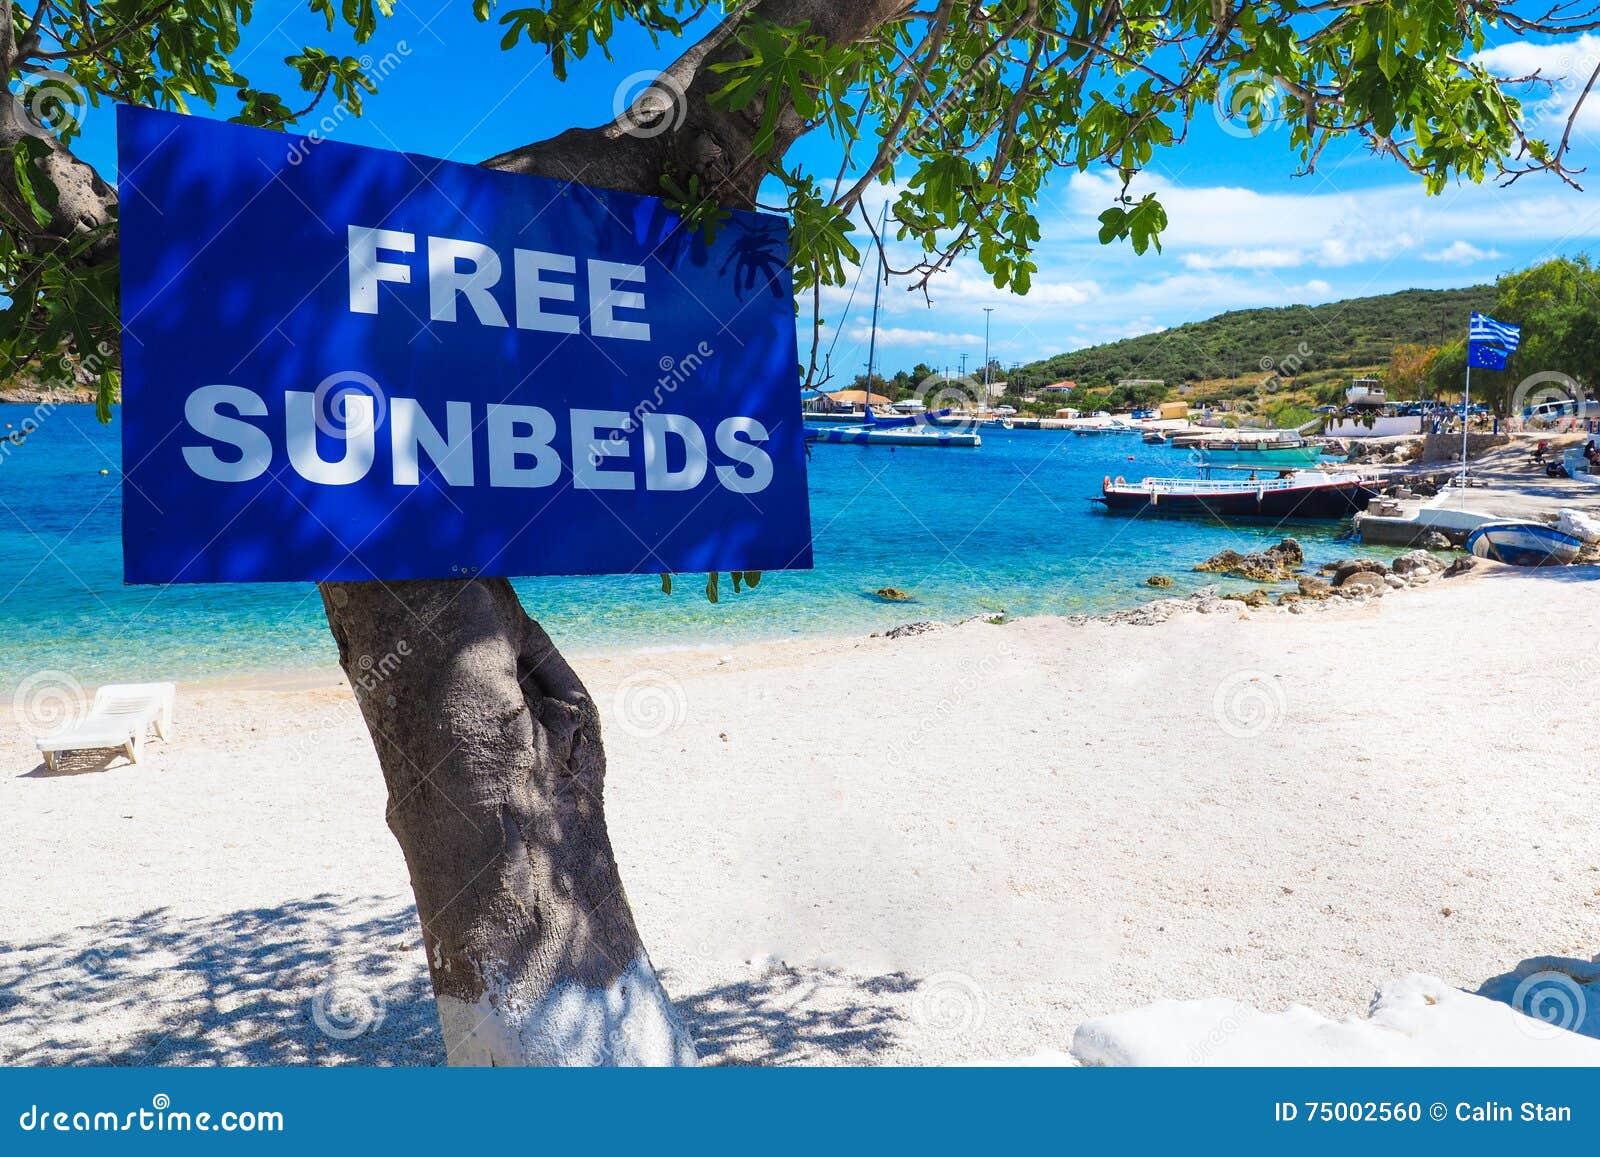 Vrij sunbedsteken op een strand in het eiland van Griekenland Zakynthos